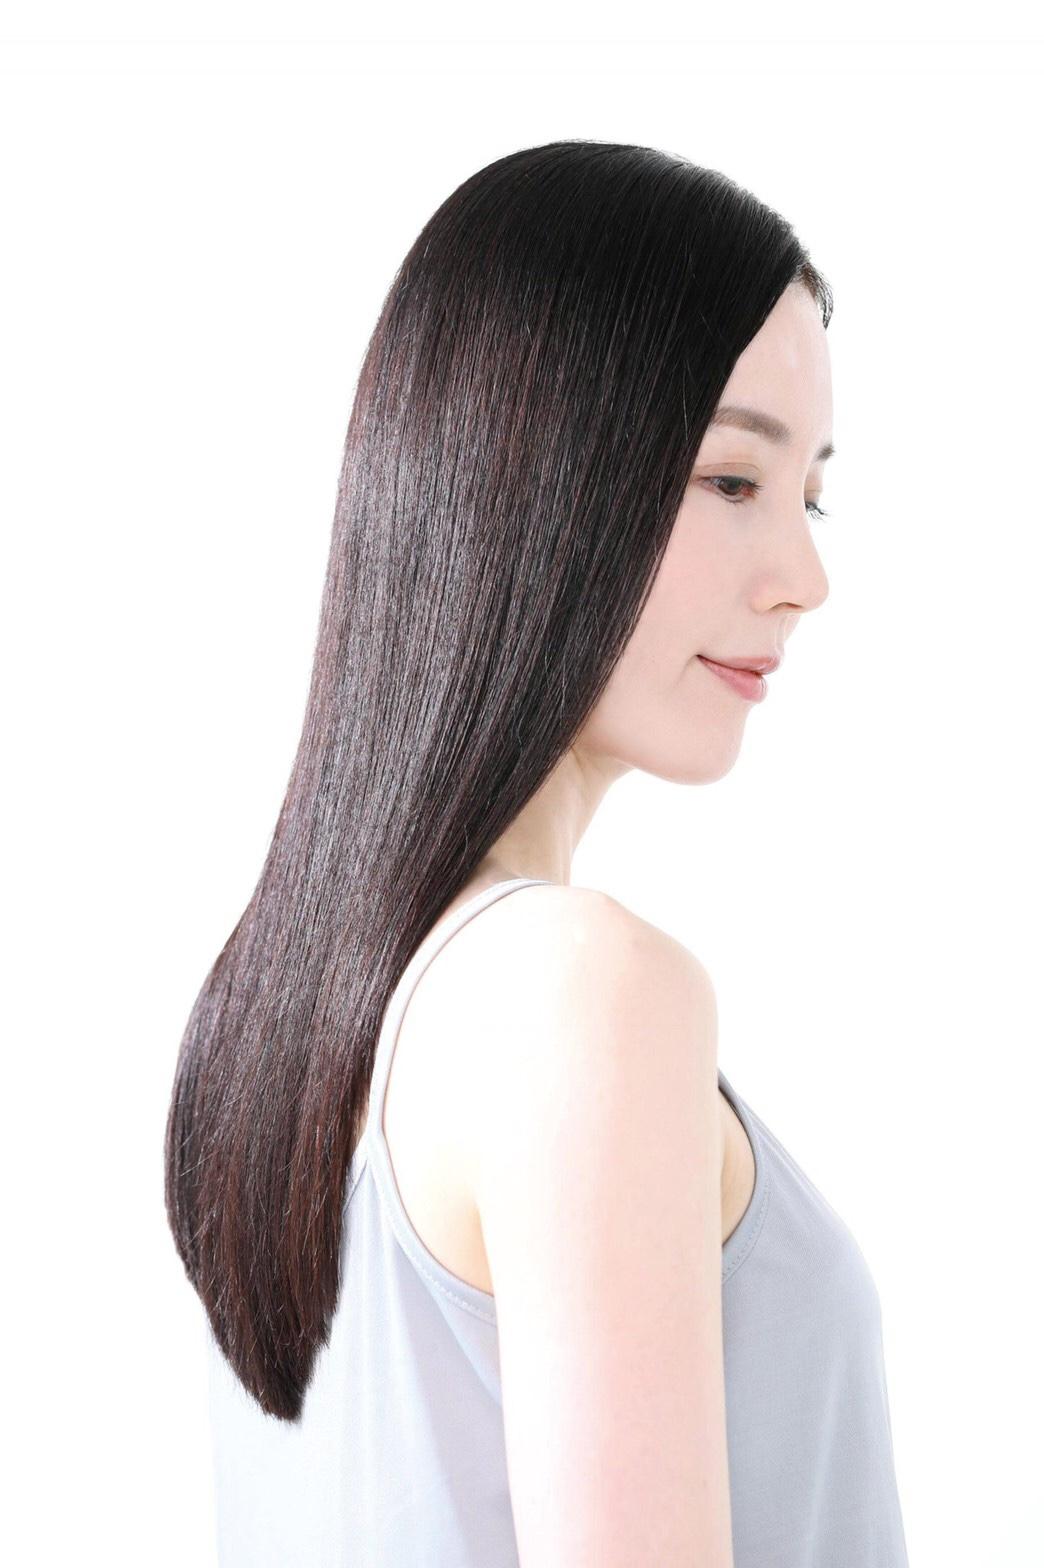 艶のある髪に仕上がり大満足です。